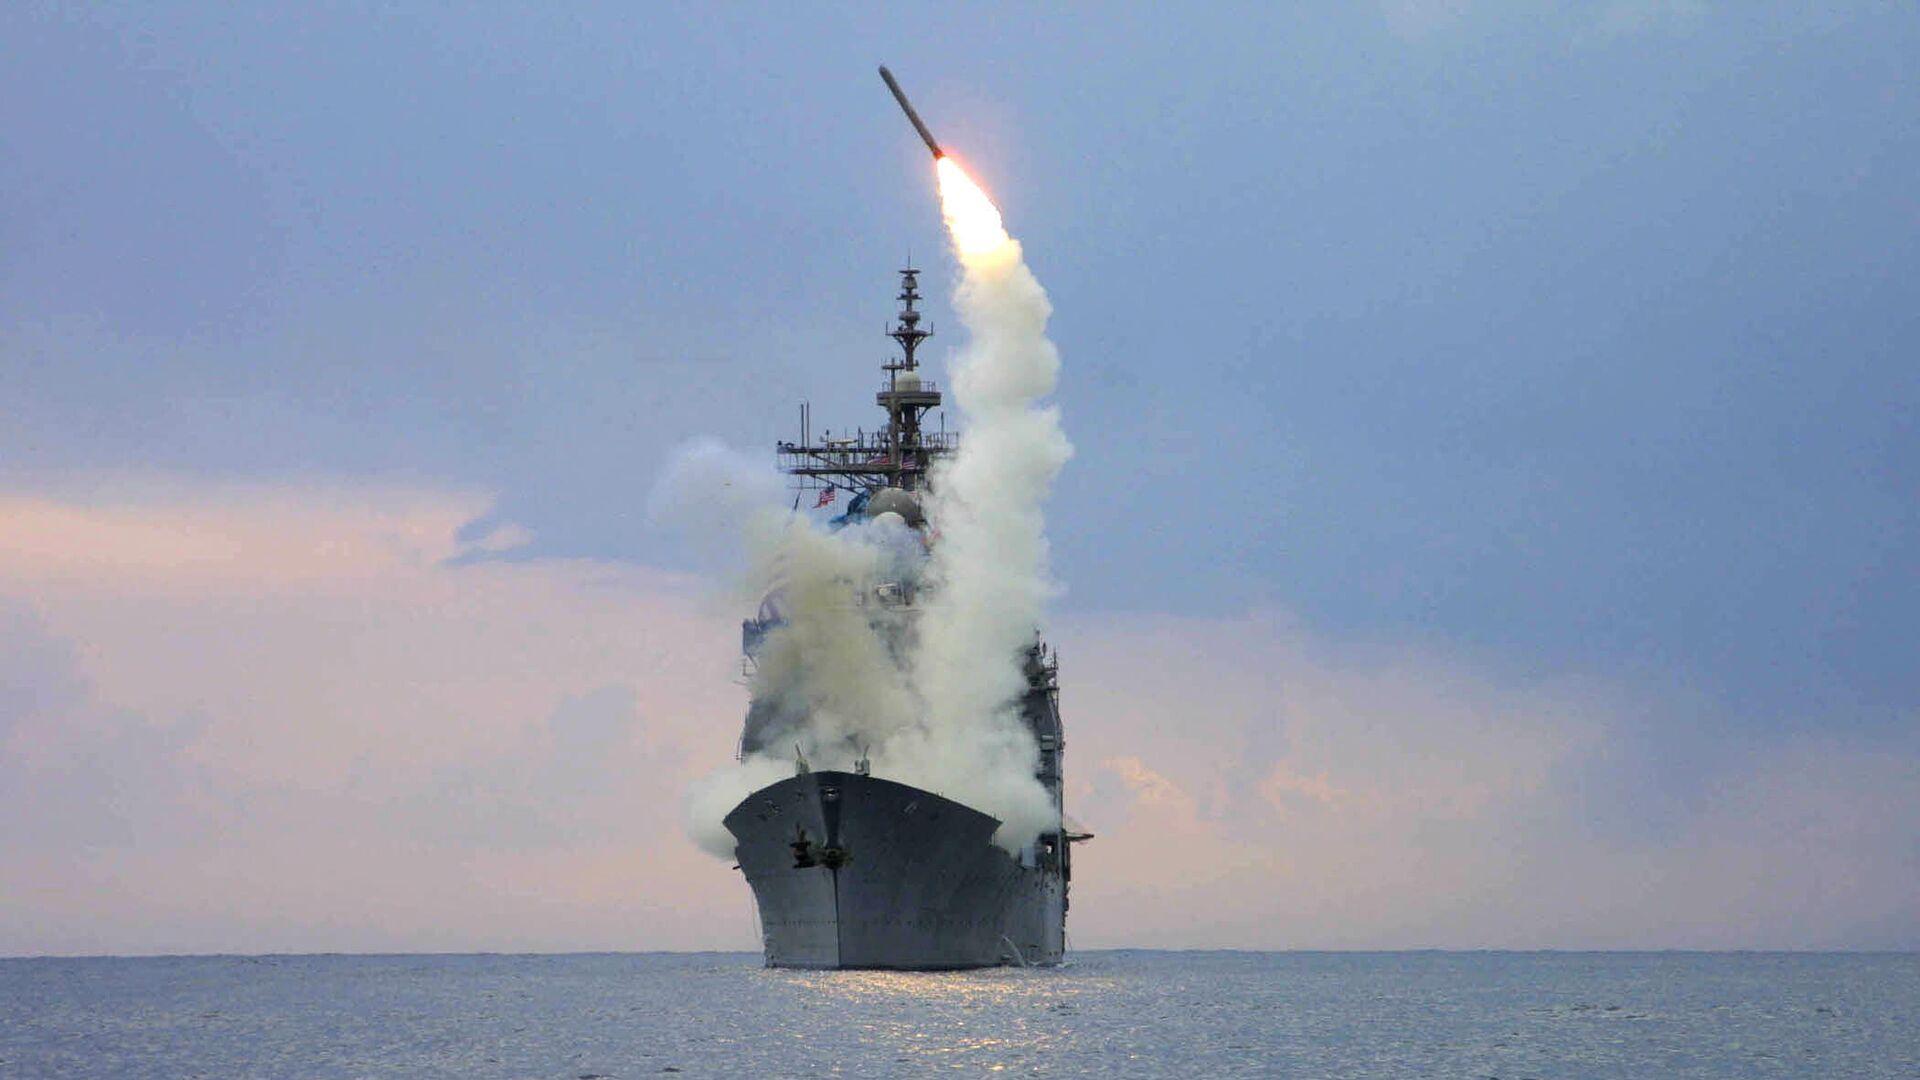 Запуск крылатой ракеты Томагавк с американского военного корабля USS Cape St. George  - Sputnik Latvija, 1920, 19.09.2021